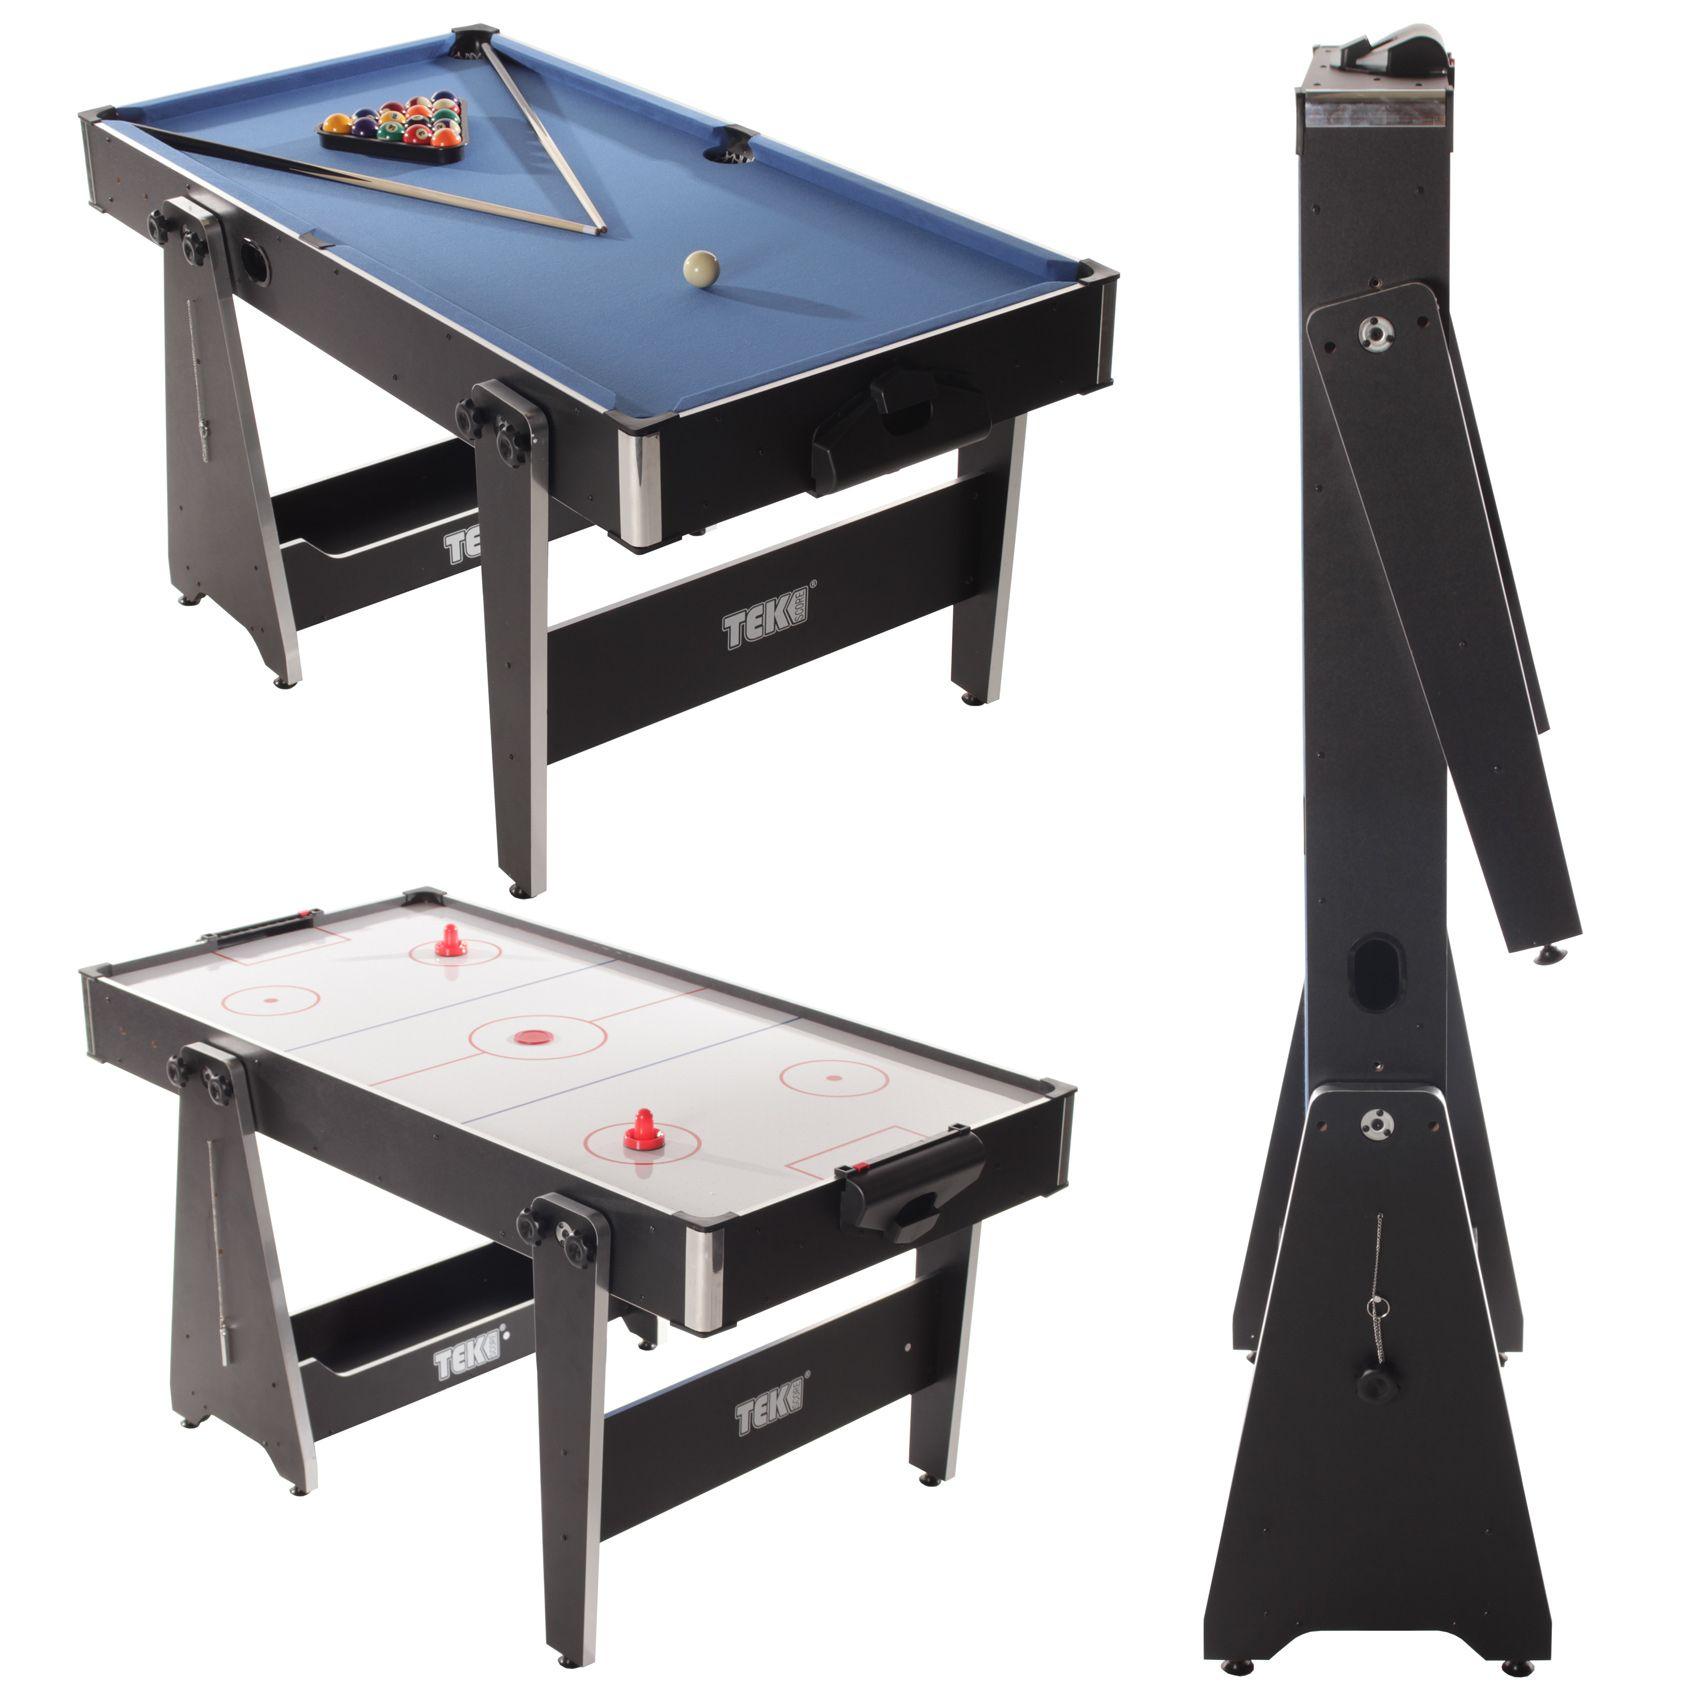 Tekscore 5 Foot Folding Leg Multi Games Table Liberty Games